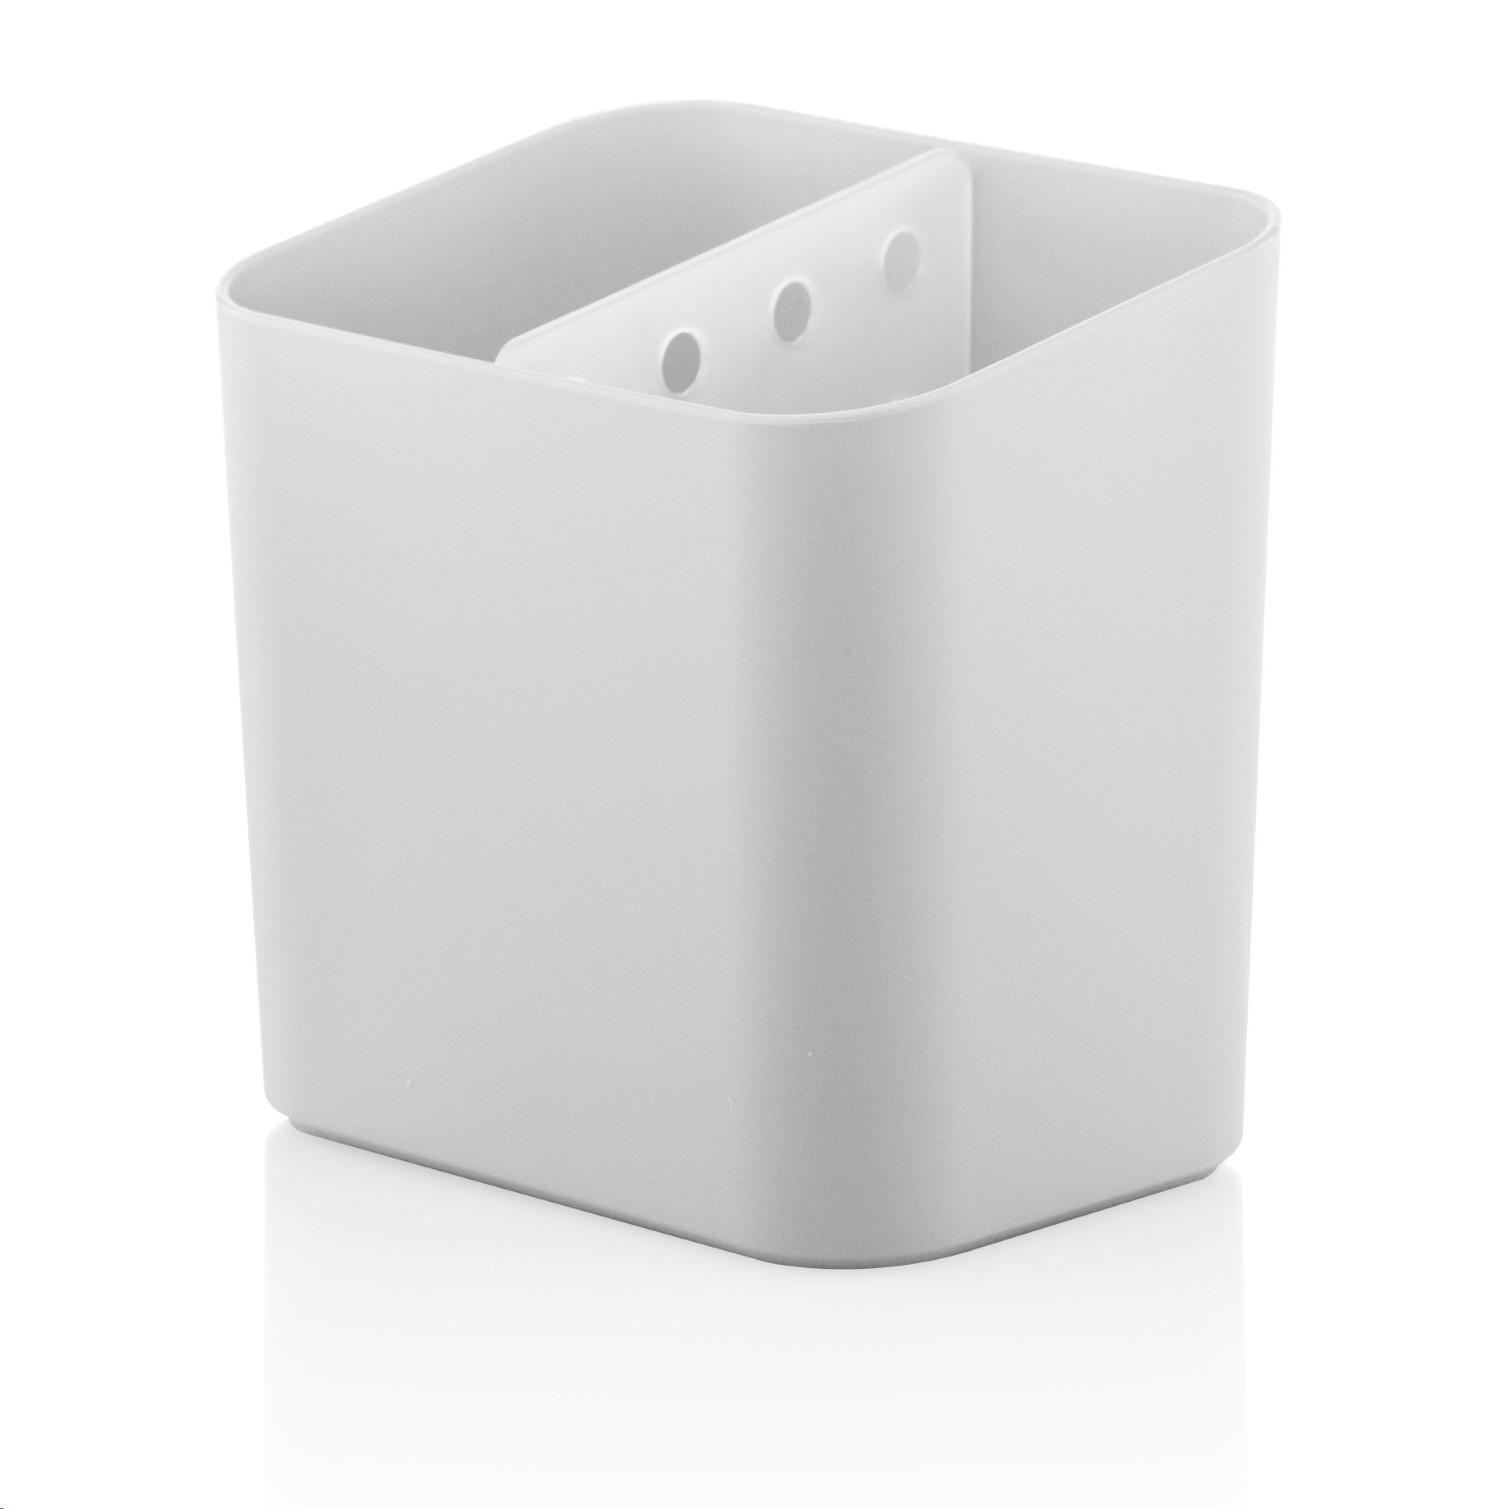 Escorredor de Talheres de Plastico Branco fosco - Trium - Ou